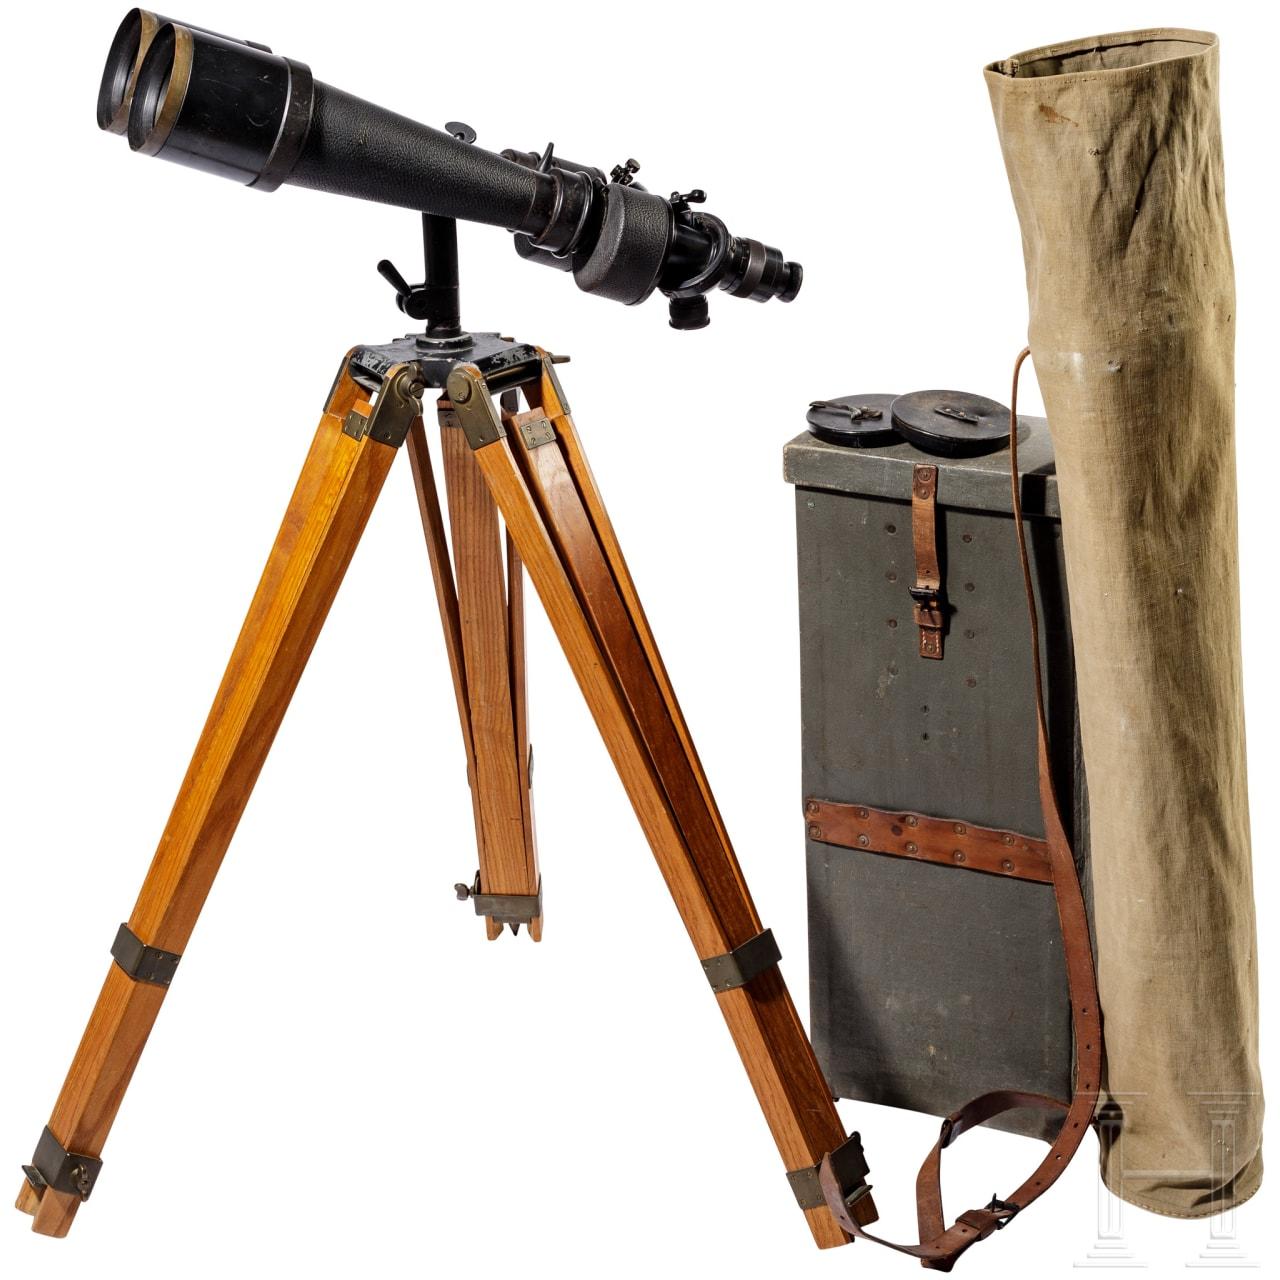 """Carl Zeiss Jena turret binoculars """"Asembi""""- D.F. 12,20,40 x 80 with tripod stand"""